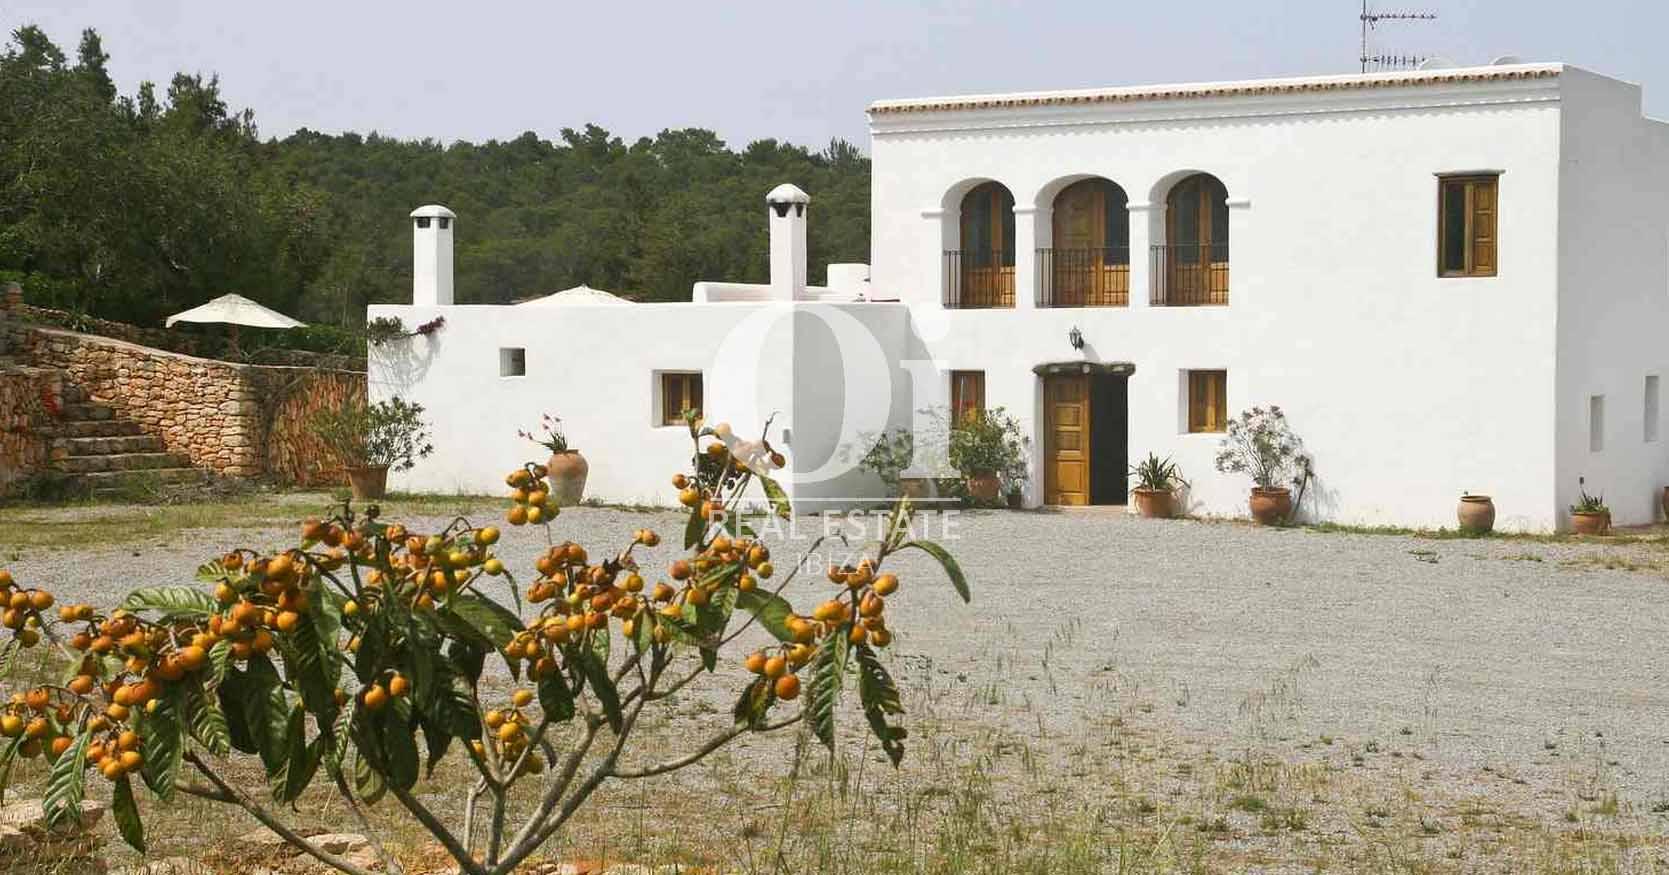 вид дома и прилегающей к нему территории дома в краткосрочную аренду на Ибице